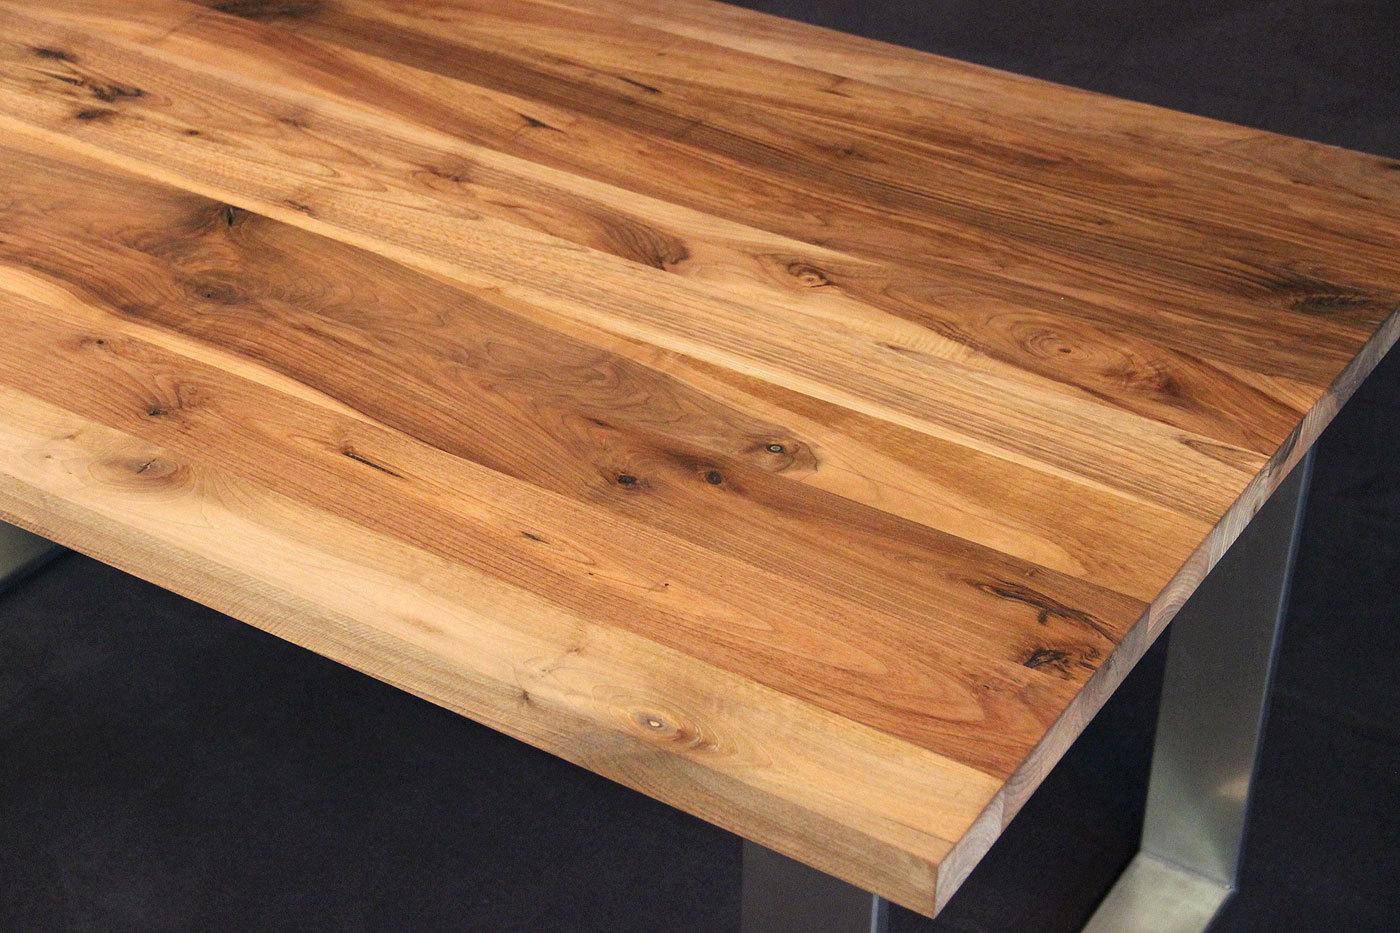 Tischplatte Massivholz Nussbaum ~ Tischplatte Massivholz Kaukasischer Nussbaum Rustikal mit Splint DL 30